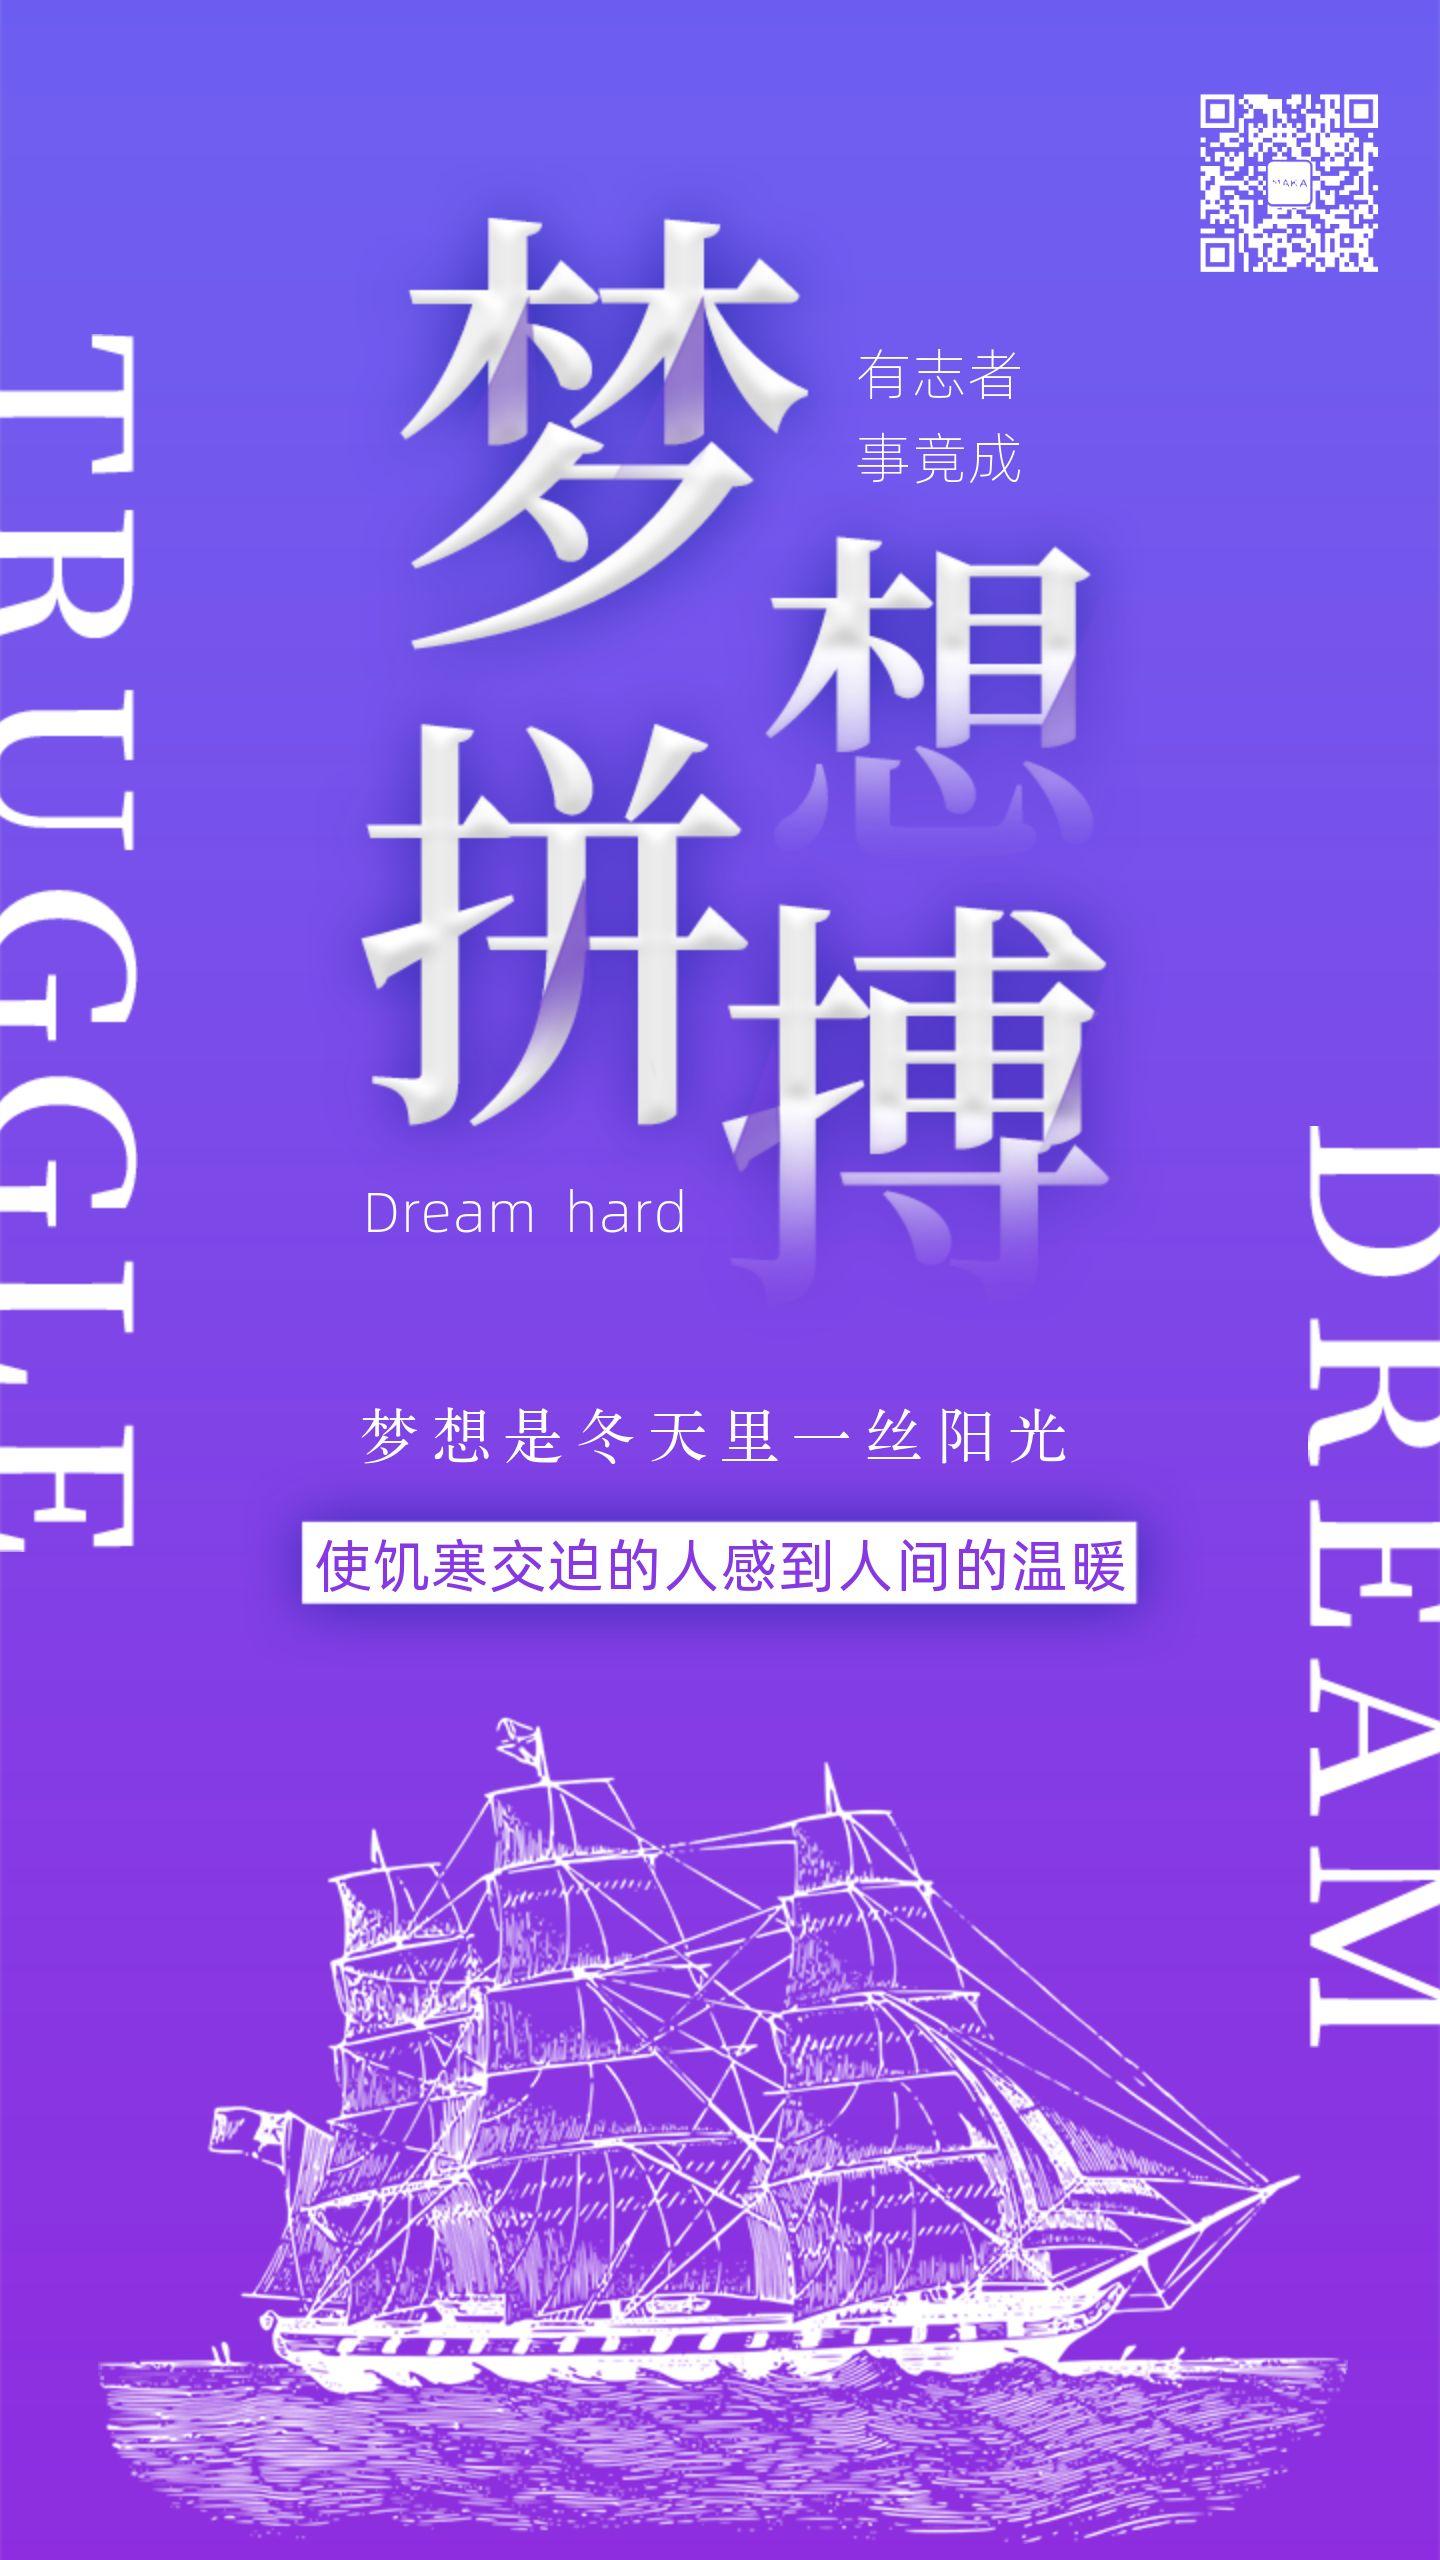 炫酷紫色励志梦想拼搏古战船扬帆远航励志日签朋友圈日签宣传海报